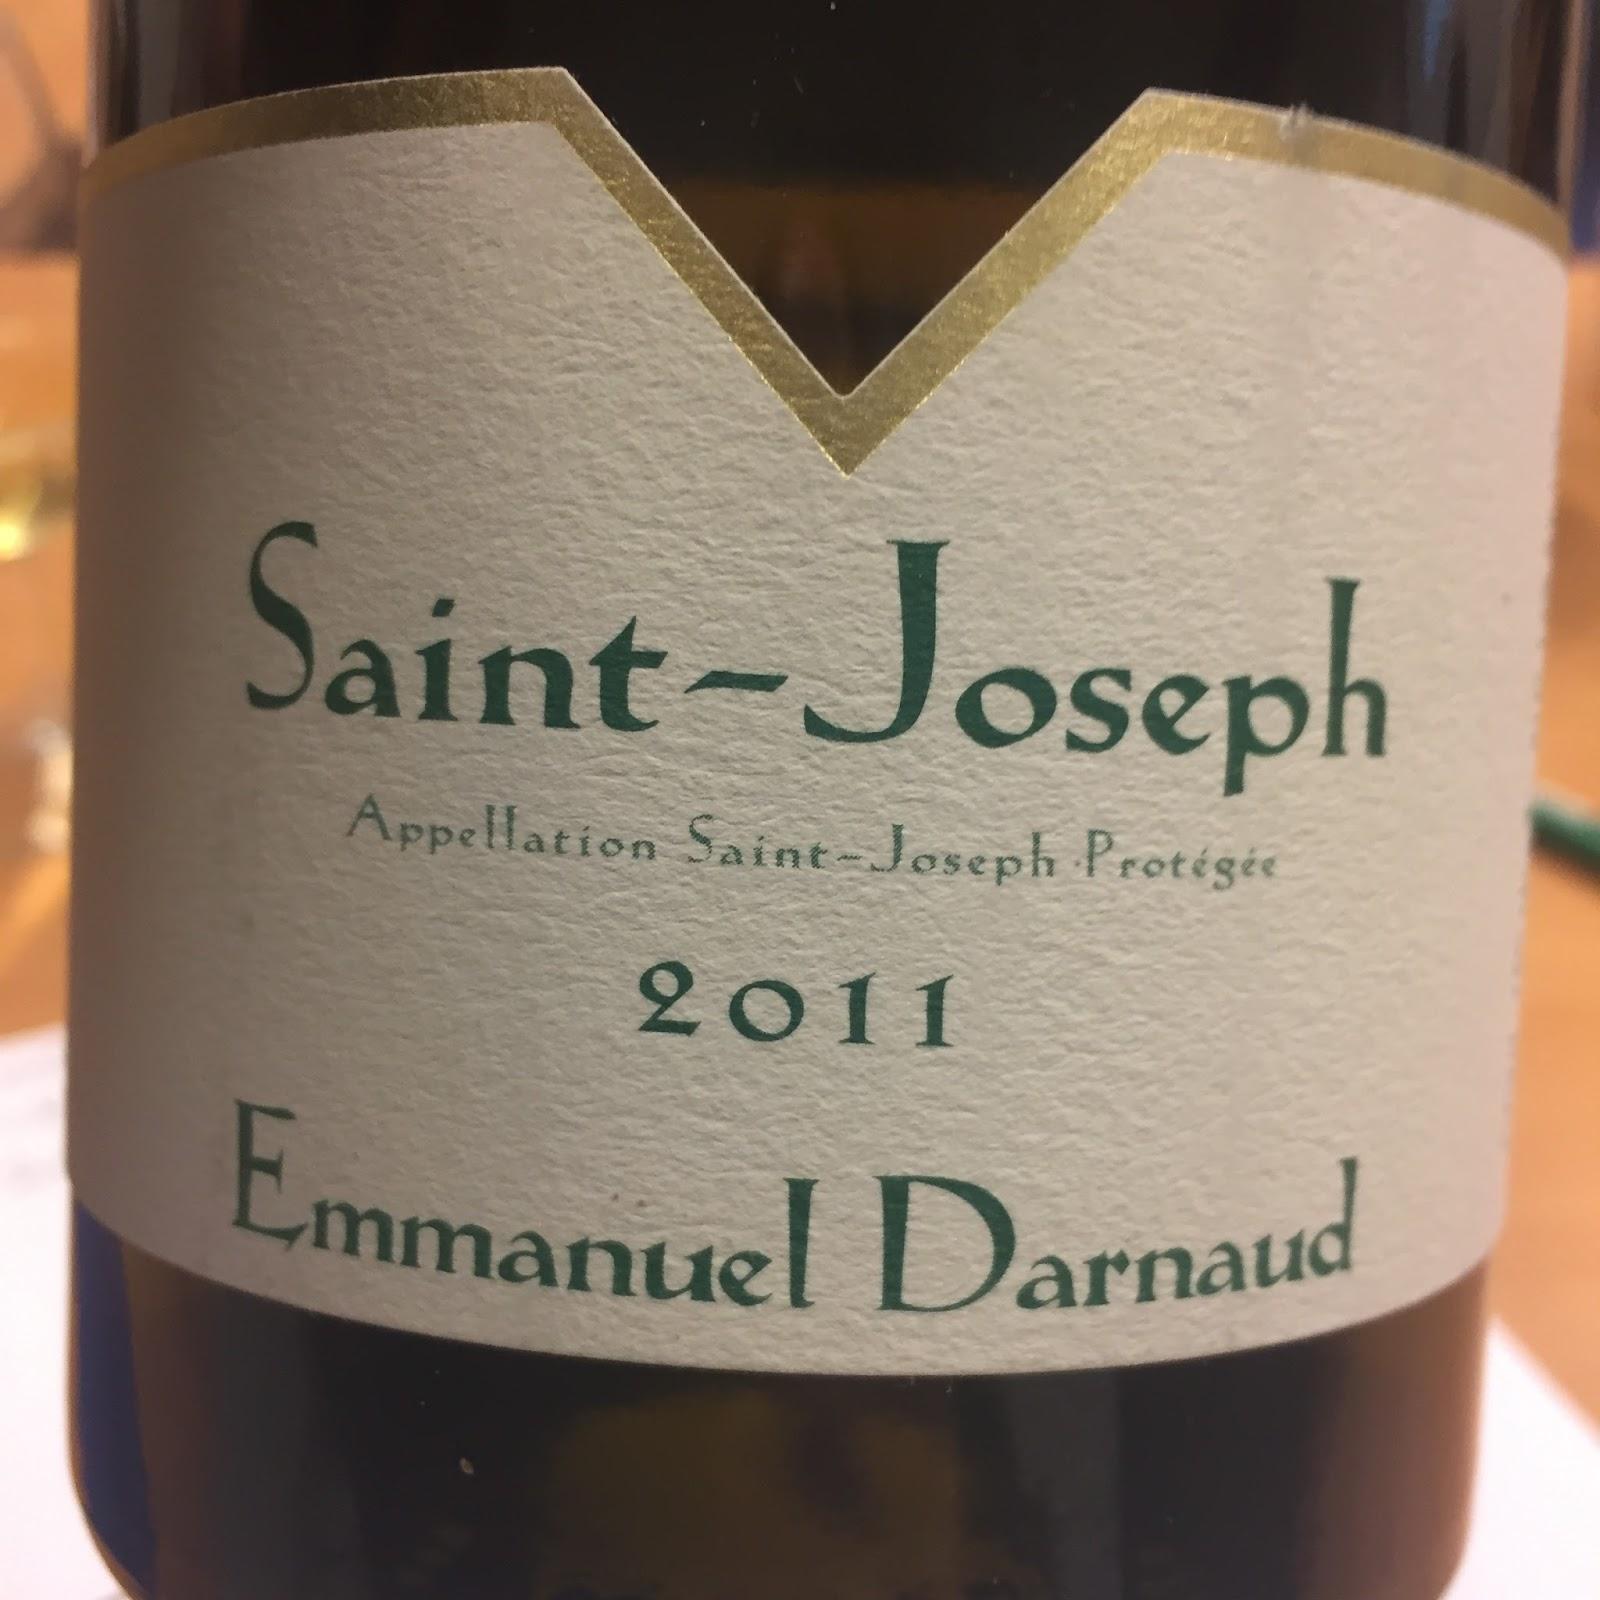 Leren en genieten van wijnen uit Noord Rhône